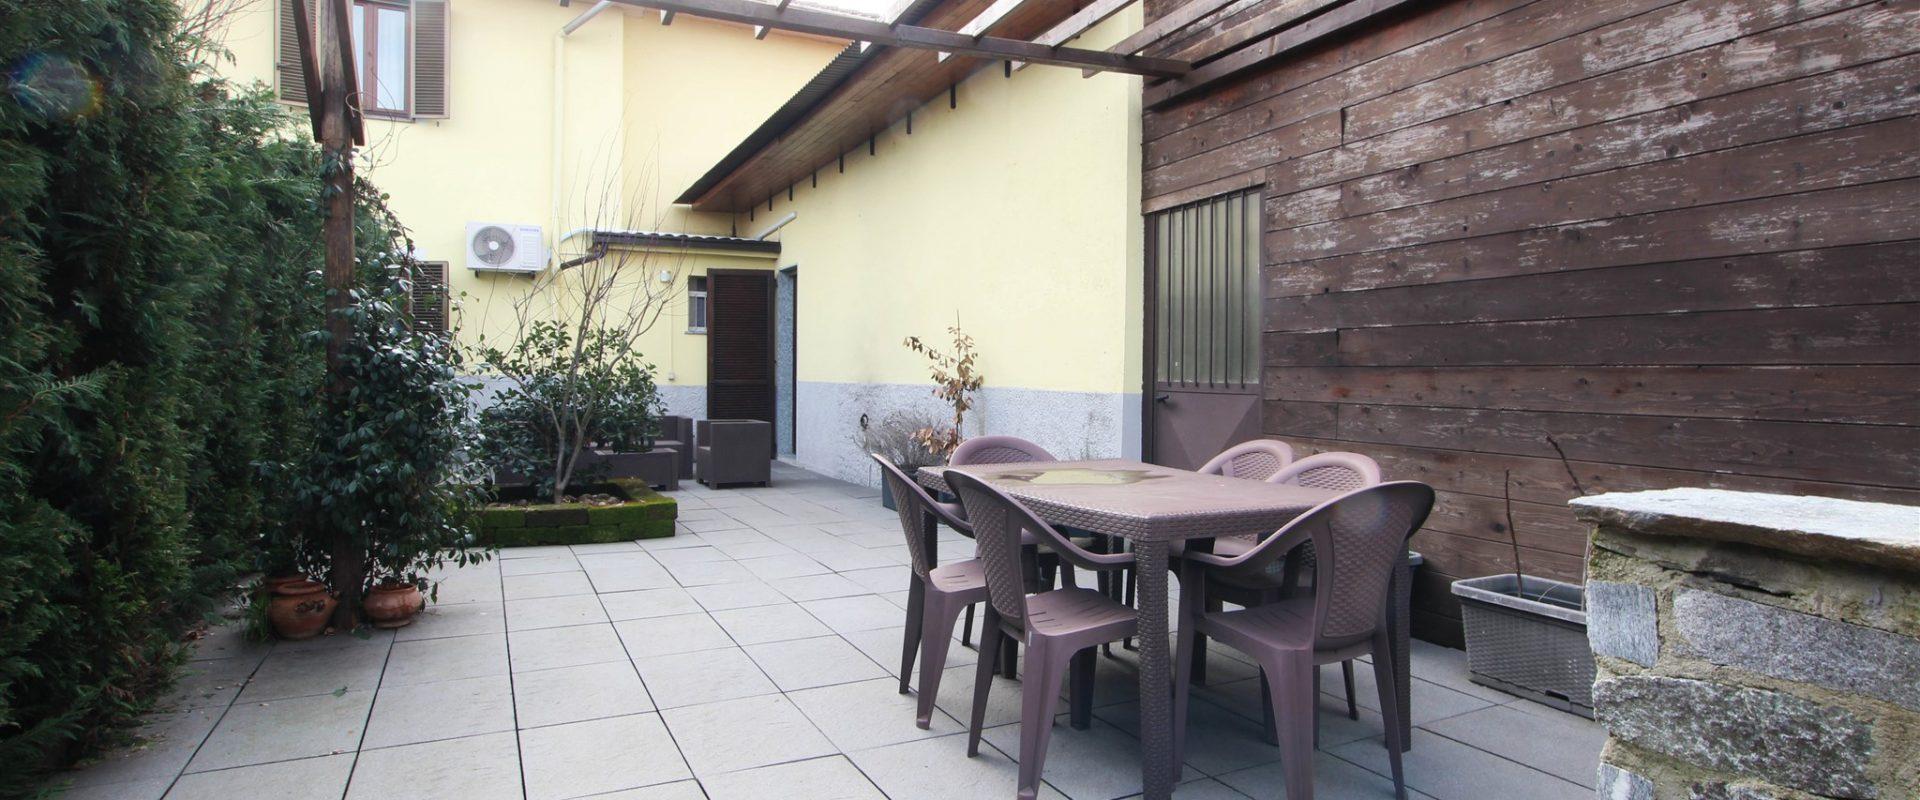 Villa indipendente a Novara